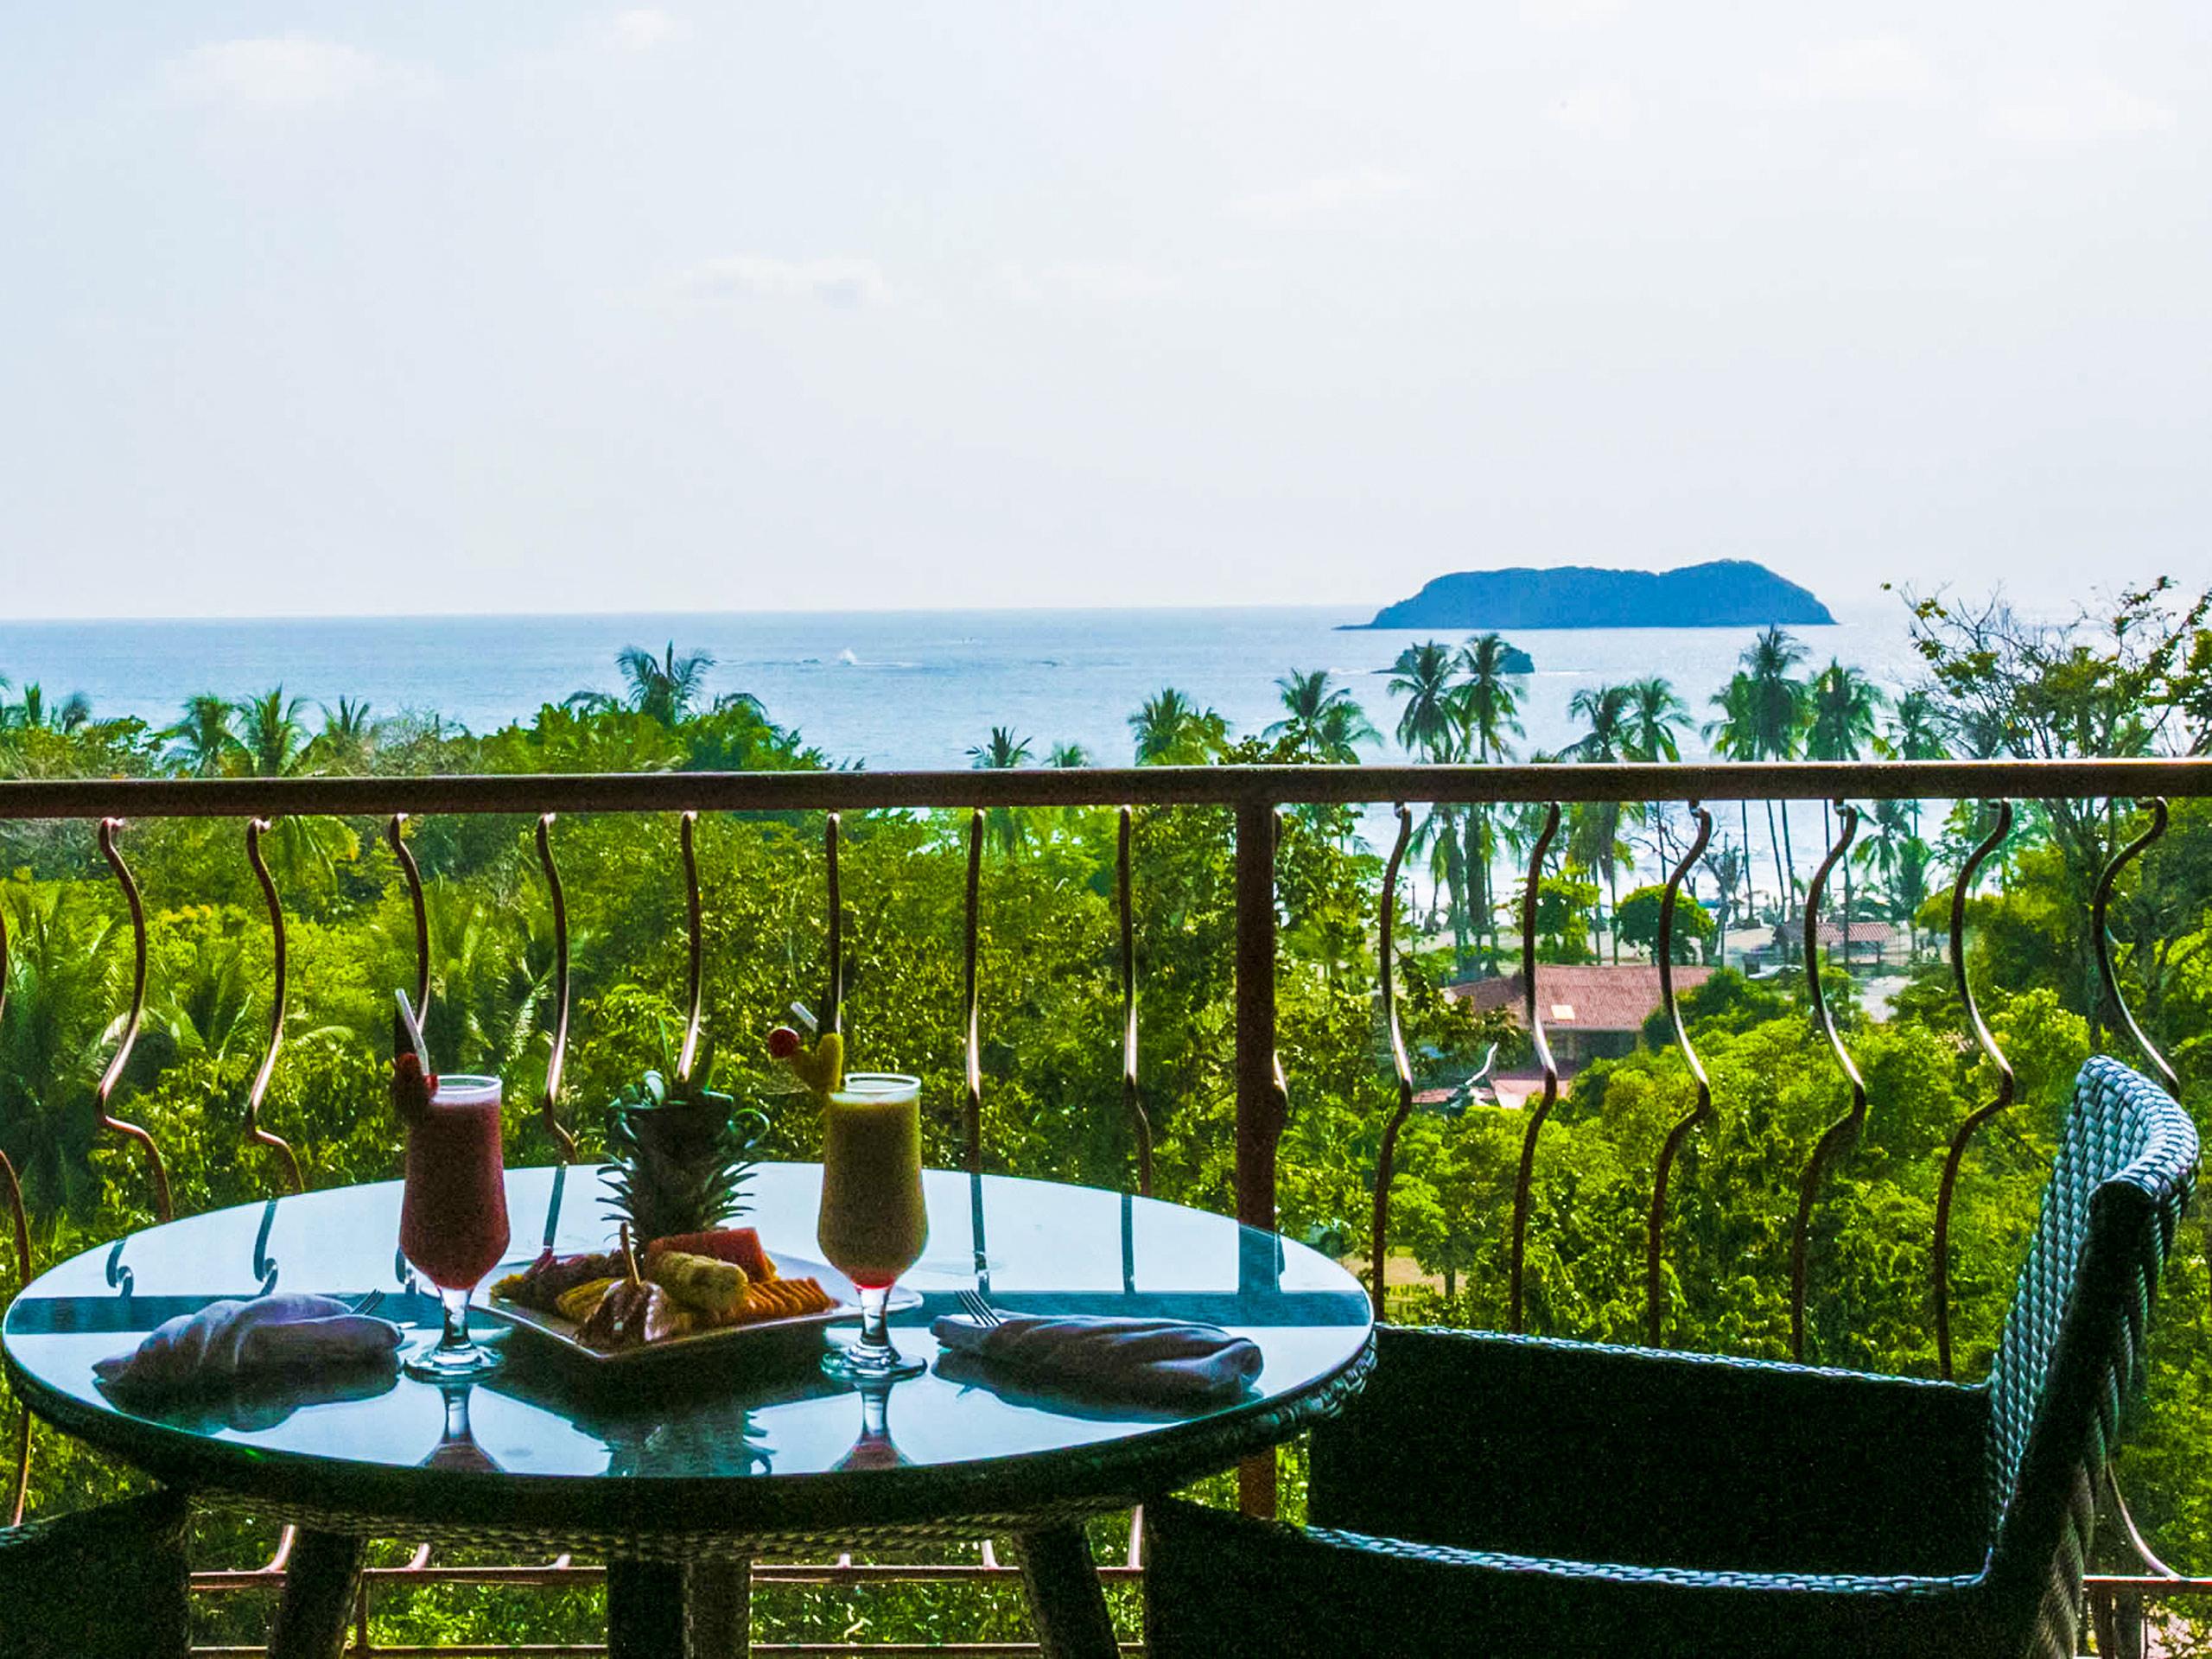 Ocean view from the Hotel Villas del bosque